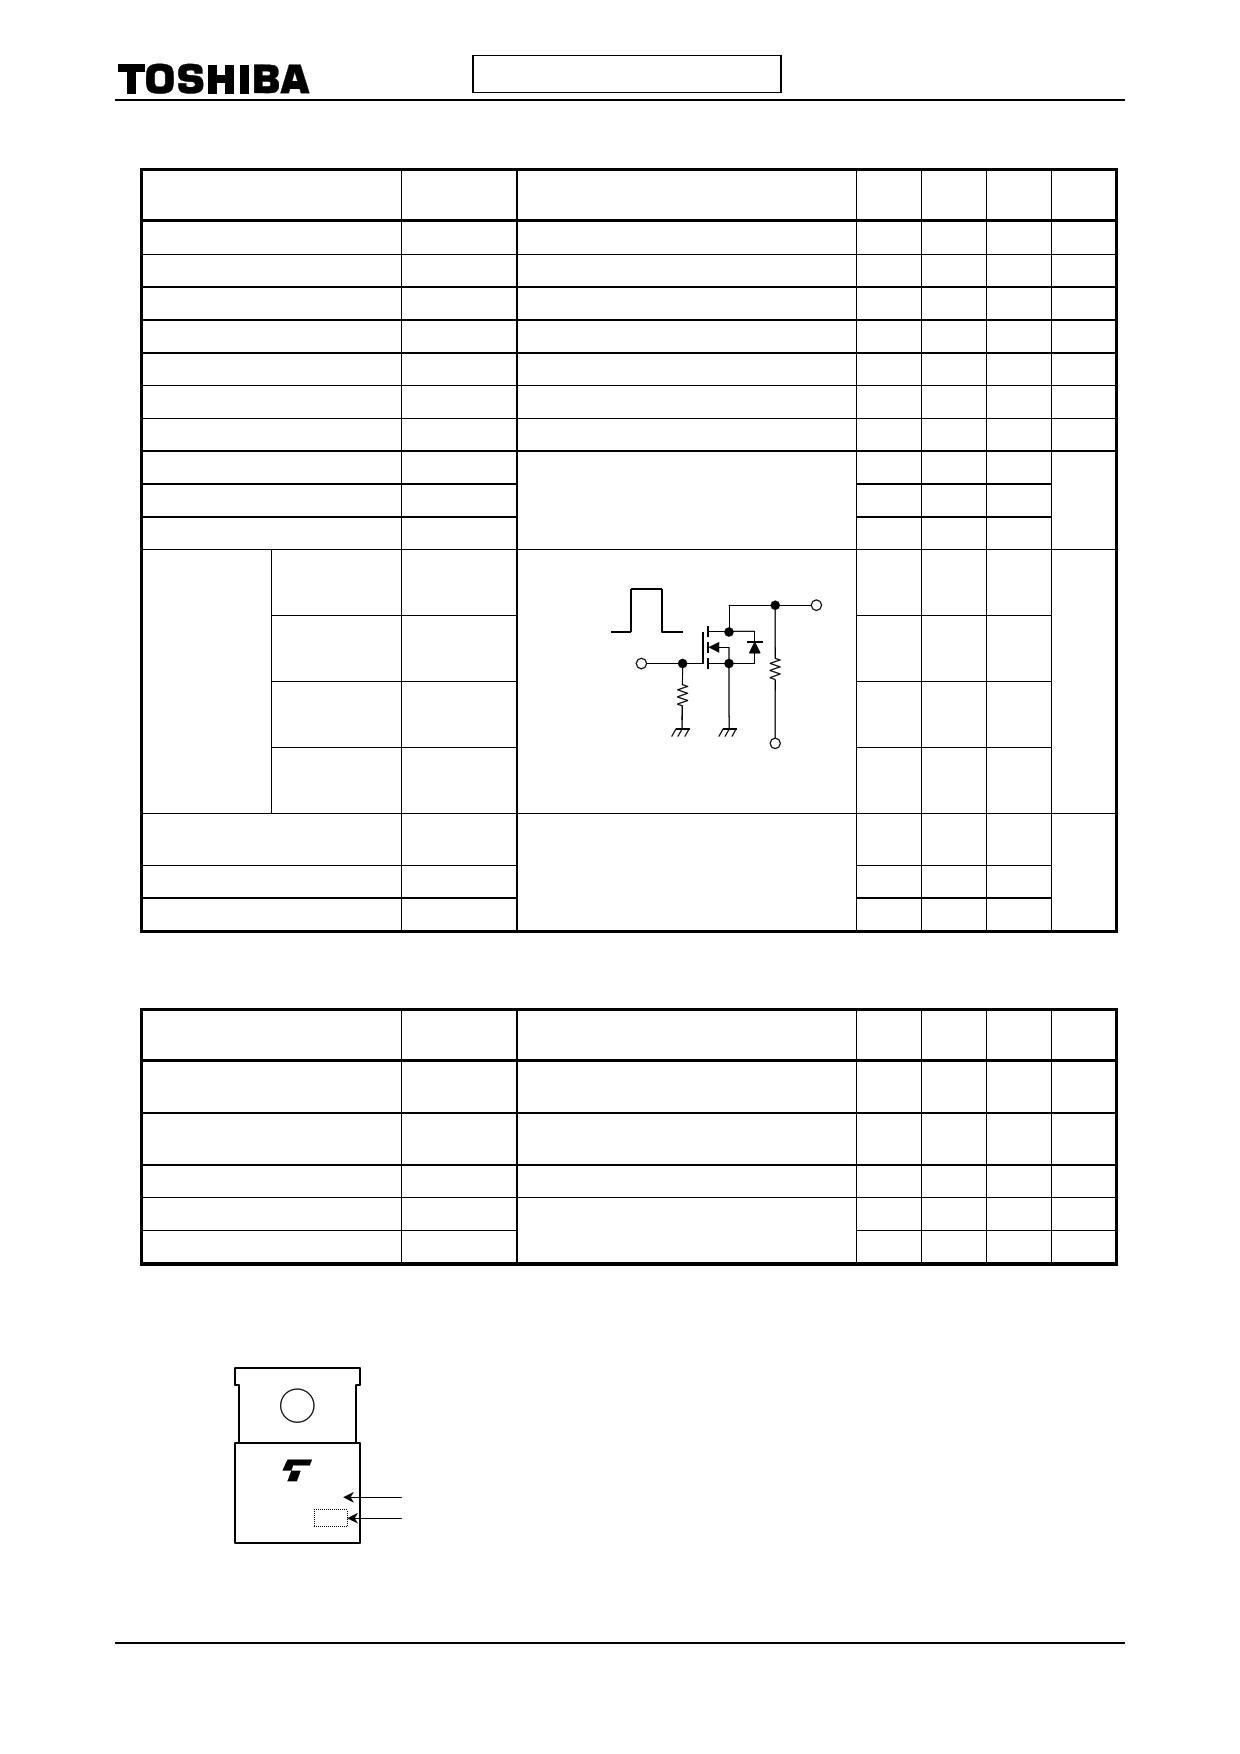 K80E08K3 pdf pinout